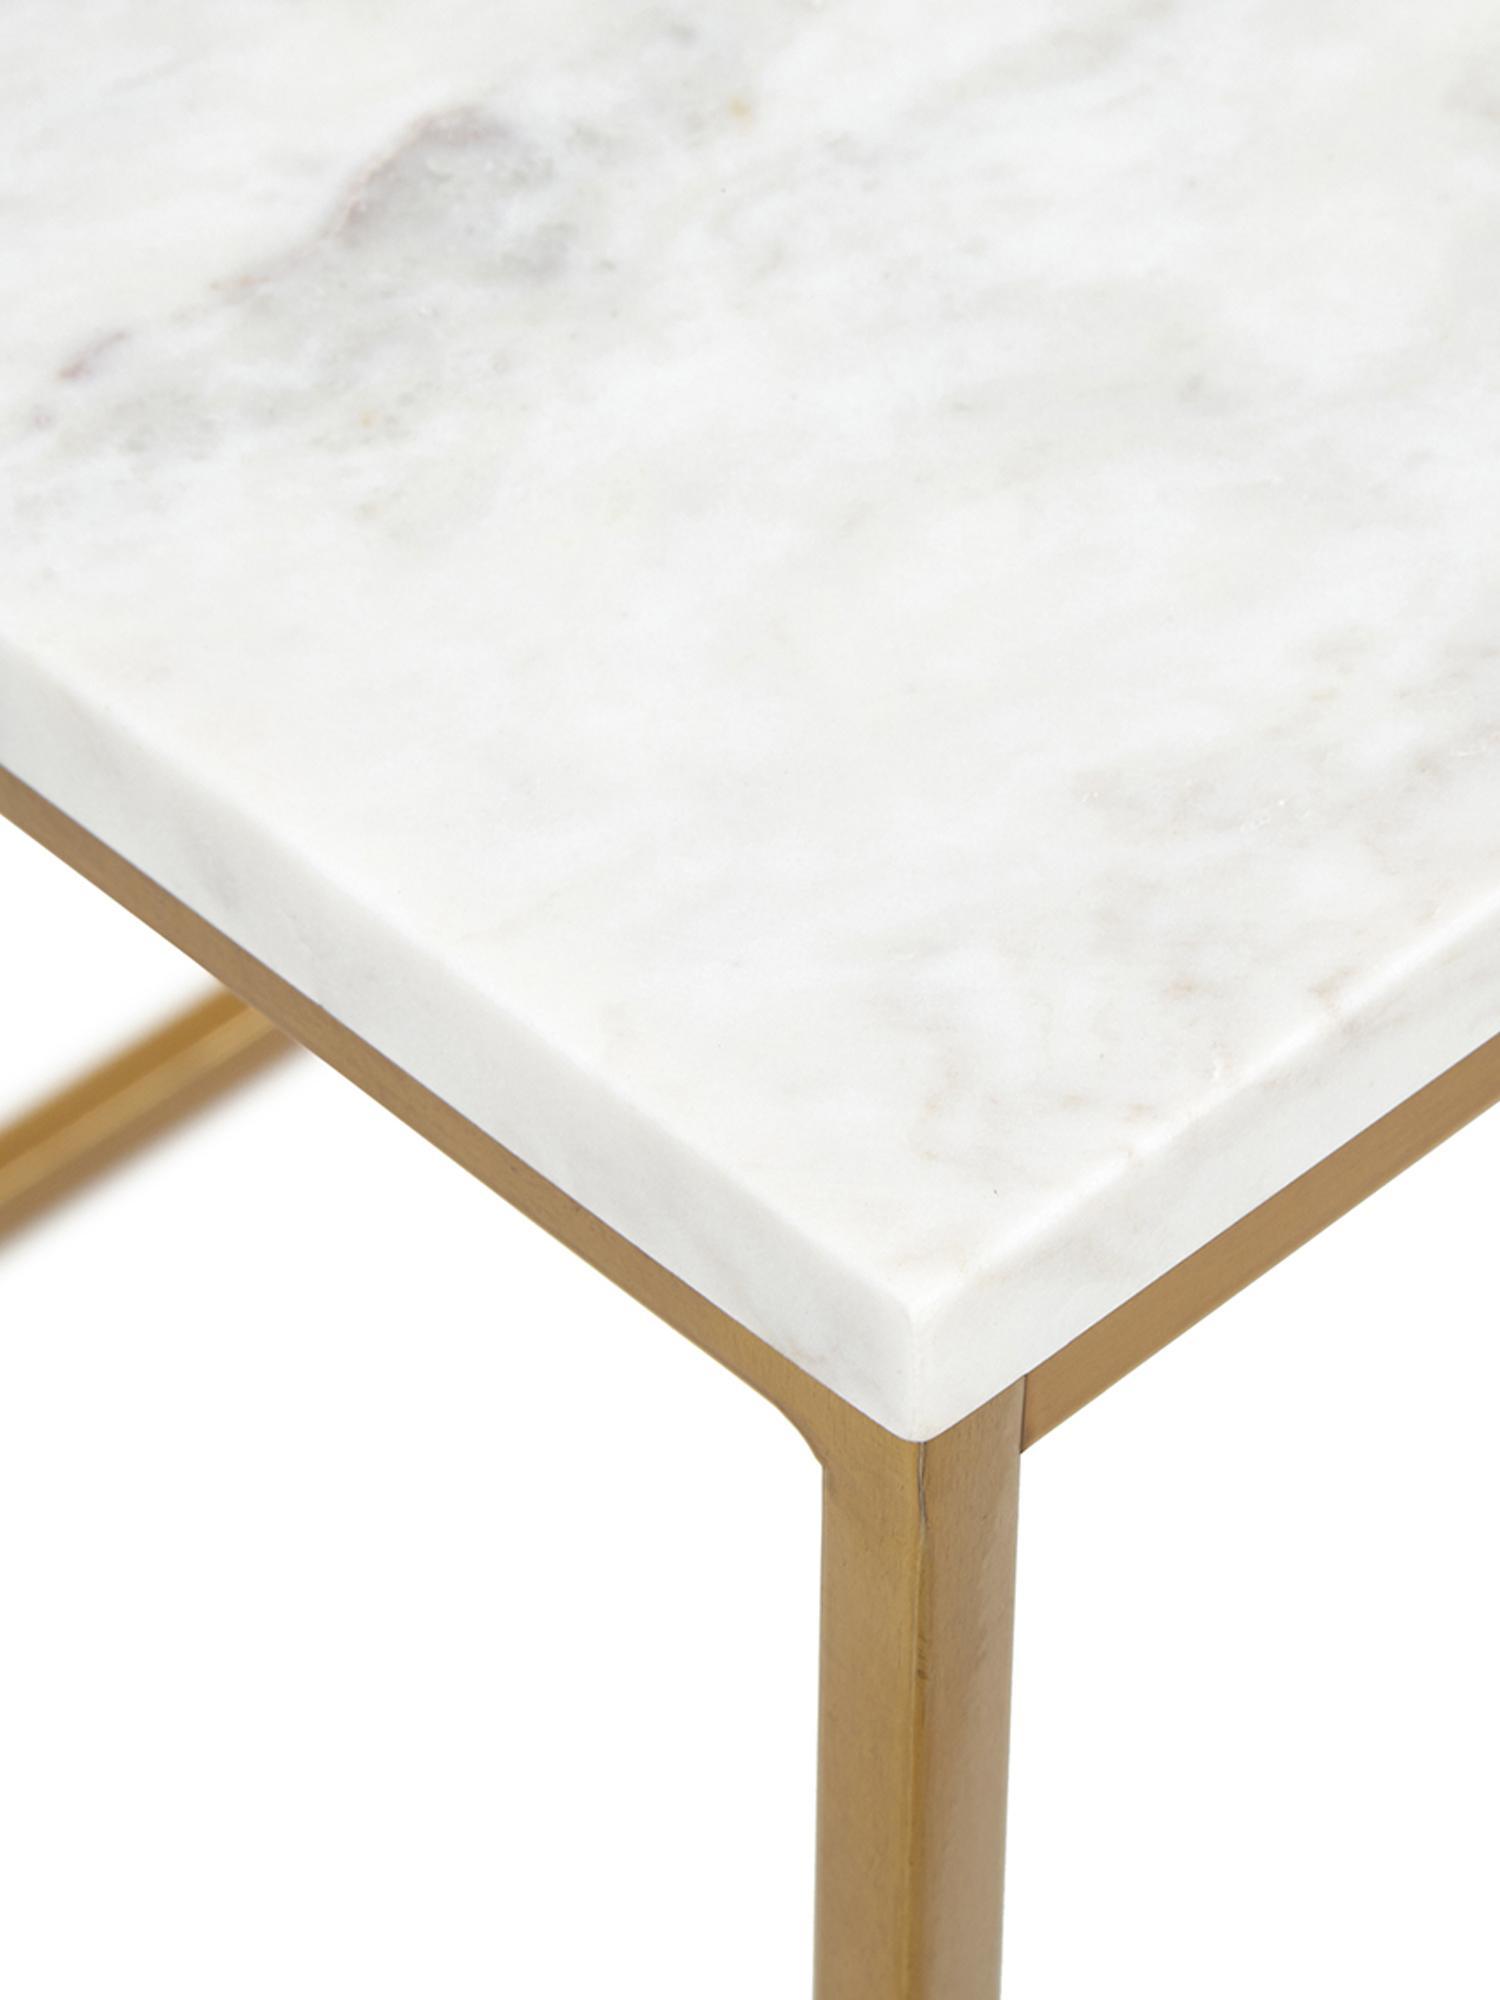 Tavolino con piano in marmo Alys, Piano d'appoggio: pietra naturale di marmo, Struttura: metallo verniciato a polv, Piano d'appoggio: marmo bianco-grigio Struttura: dorato lucido, Larg. 45 x Alt. 50 cm